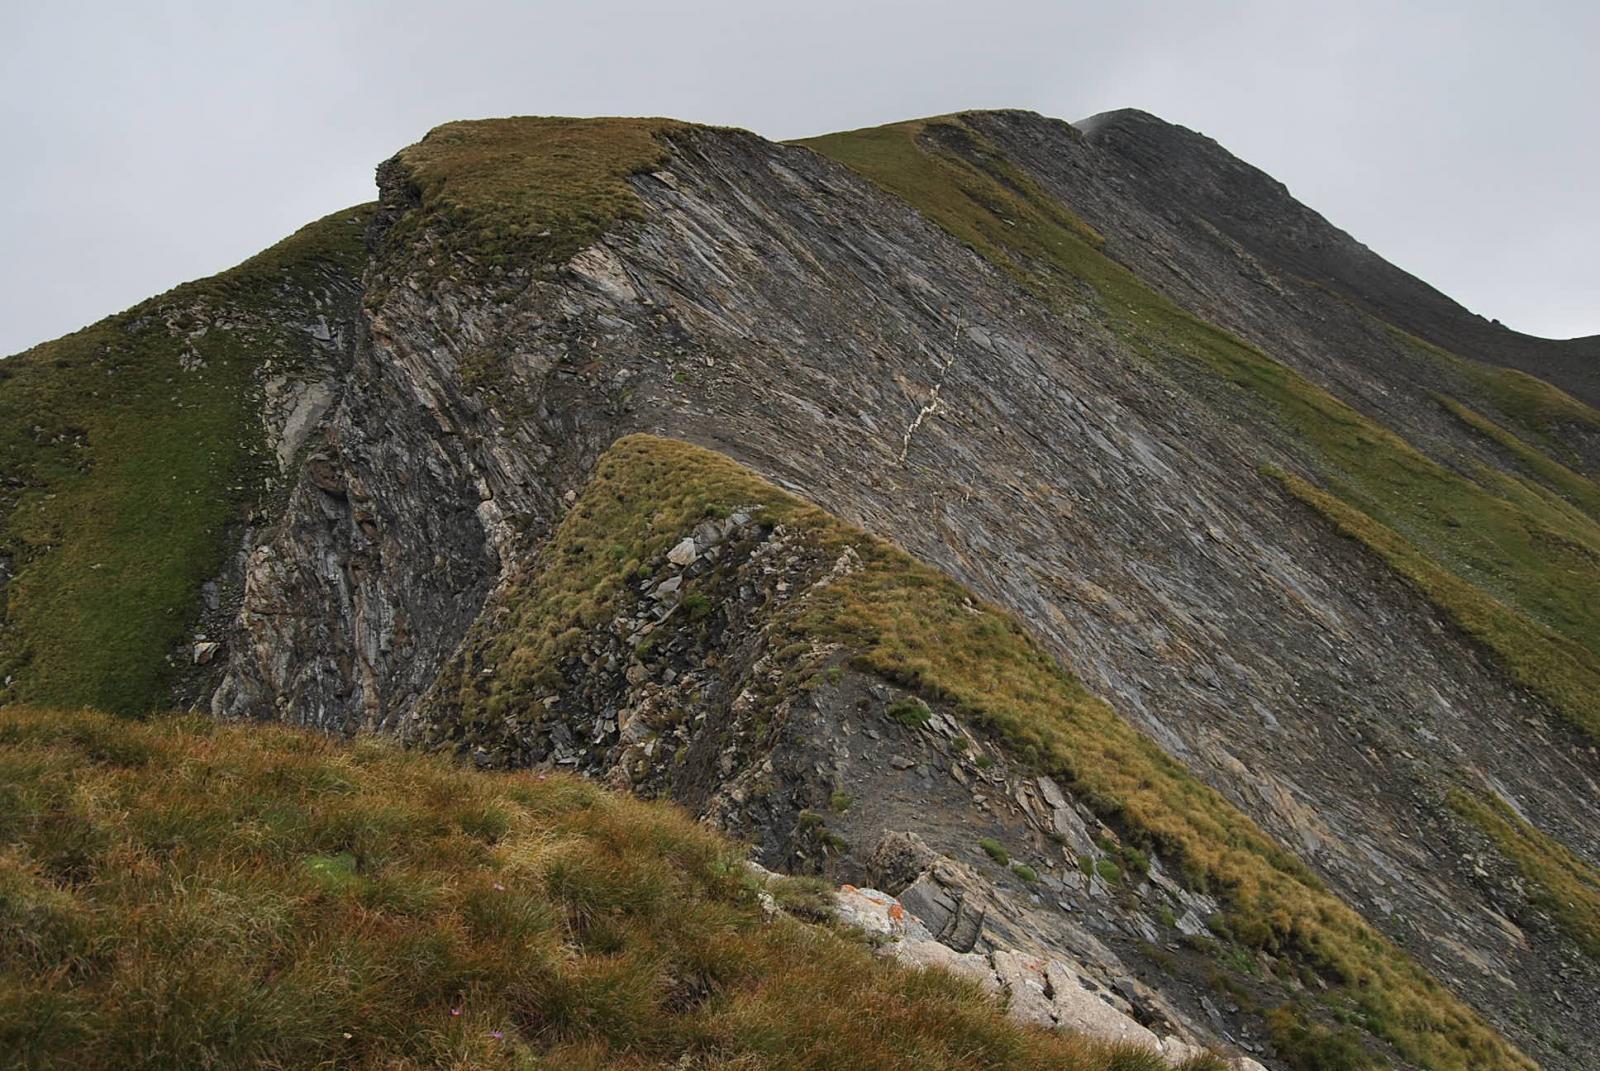 Il punto esposto sulla cresta che arriva a 3047 m. Qui il meteo ha suggerito il dietro-front.